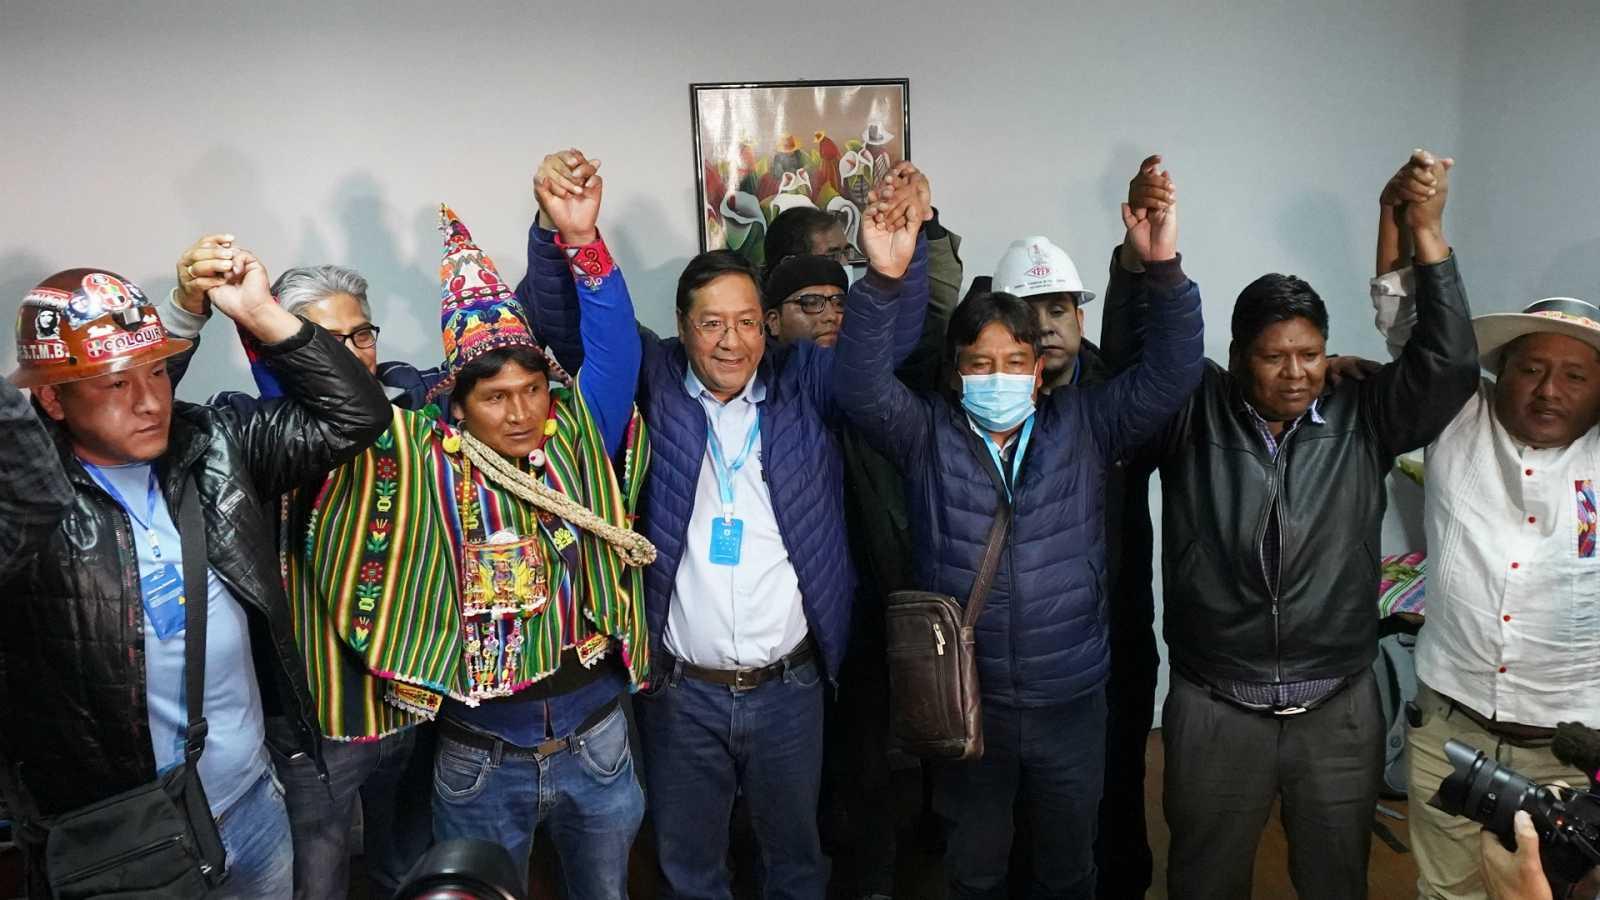 Boletines RNE - El candidato de Evo Morales da como seguro su triunfo en las elecciones de Bolivia - Escuchar ahora